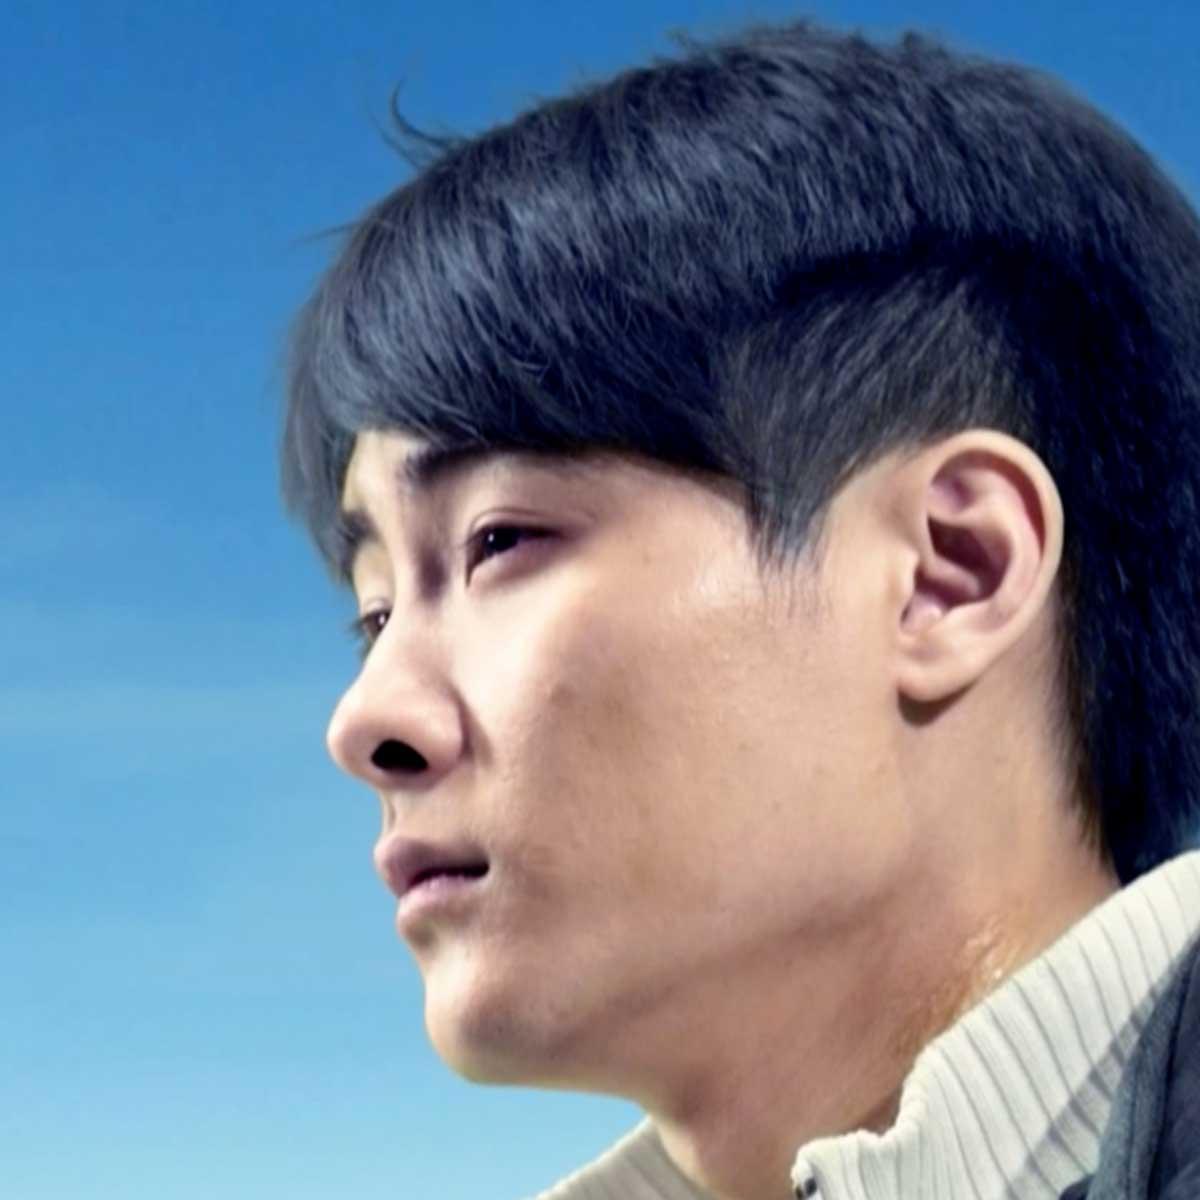 hombre chino mirando al horizonte en Ver sin mirar serie china